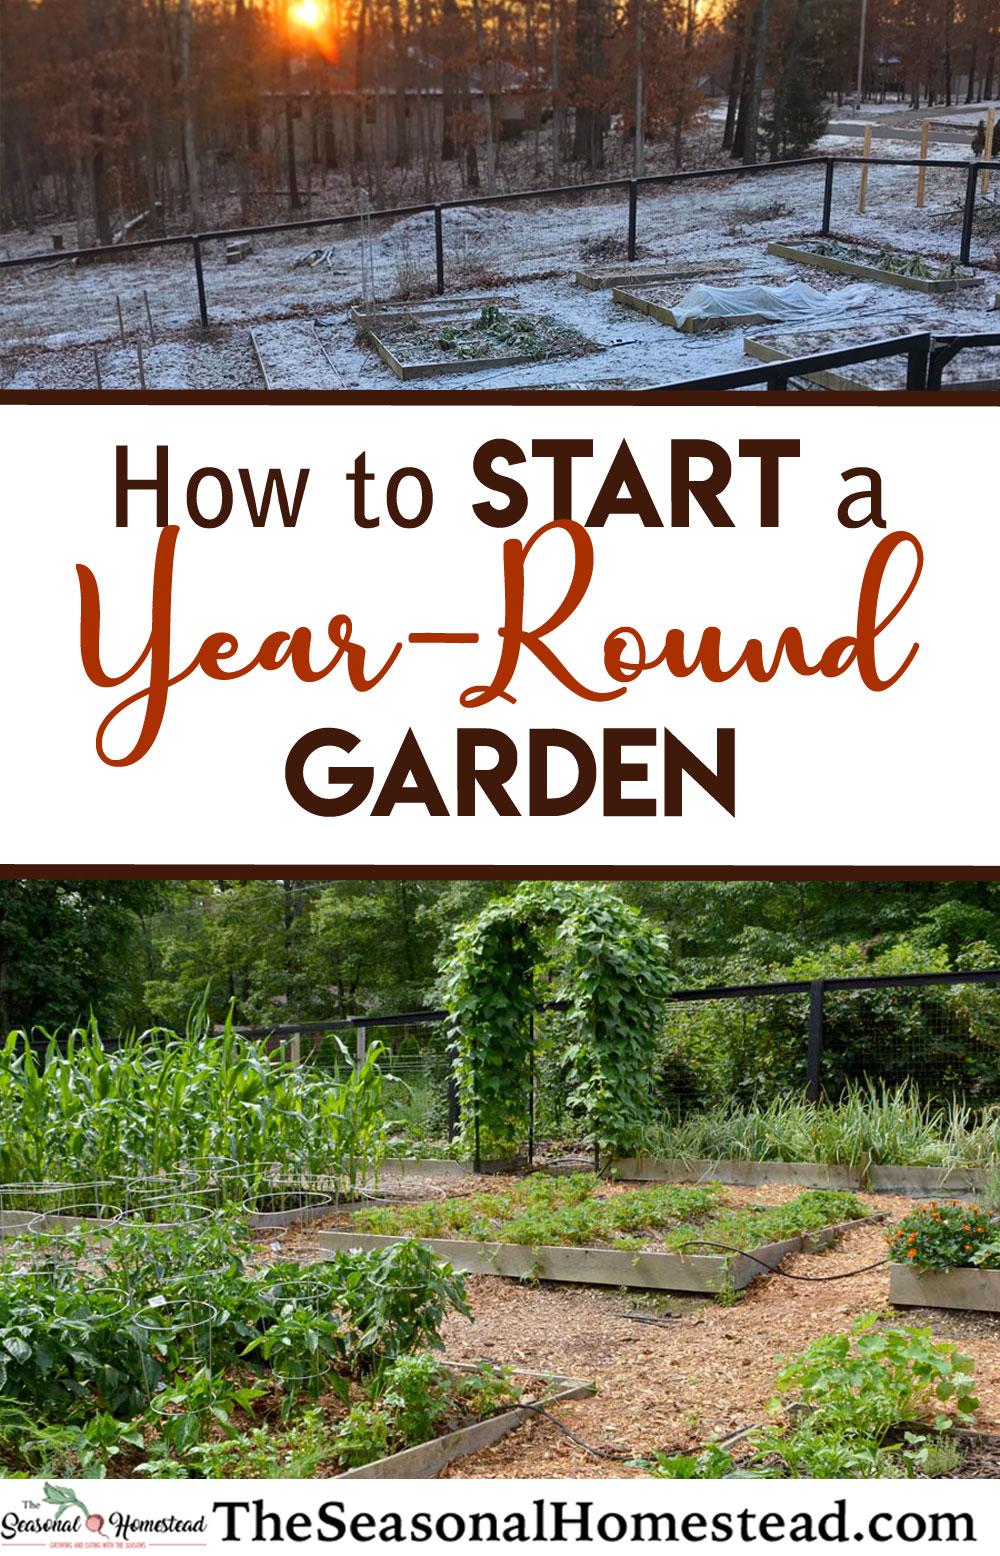 How-to-Start-a-Year-Round-Garden.jpg